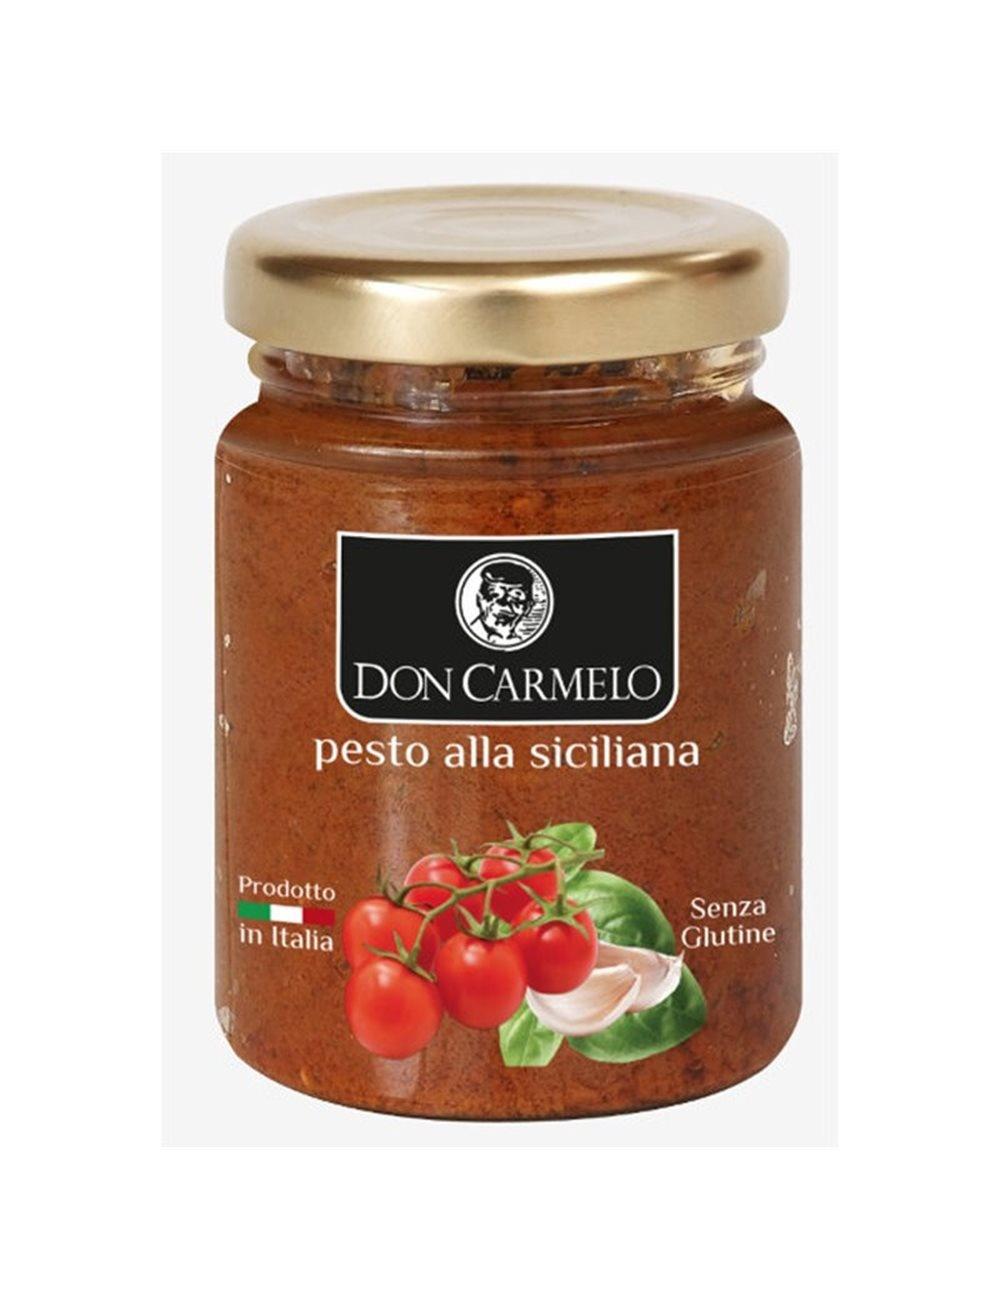 Don Carmelo Pesto alla Siciliana 100gr